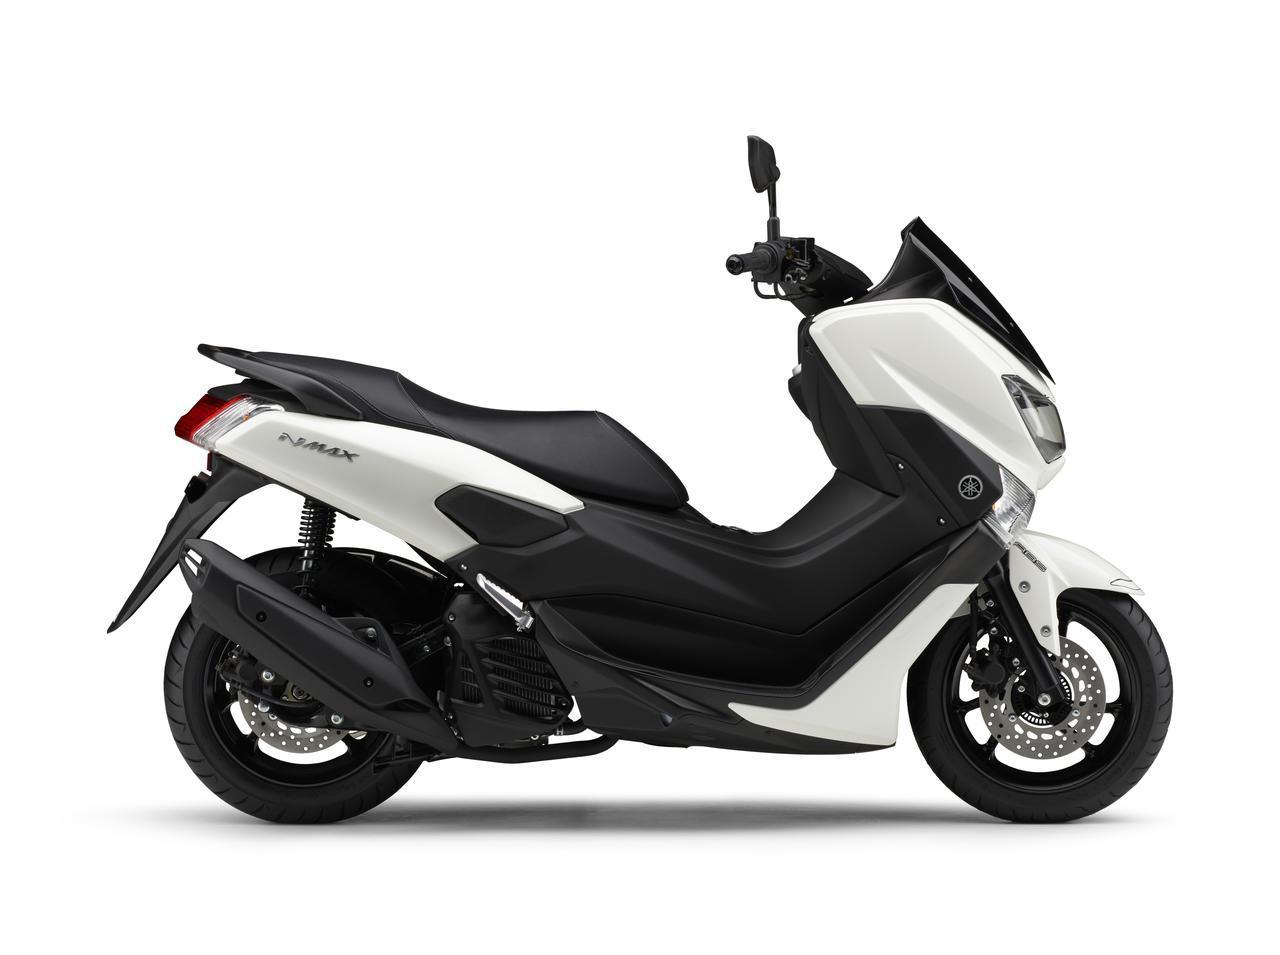 画像7: ヤマハ「NMAX ABS」(2020年)解説&試乗インプレ|YAMAHAで最も高価な125cc二輪スクーターの魅力とは?